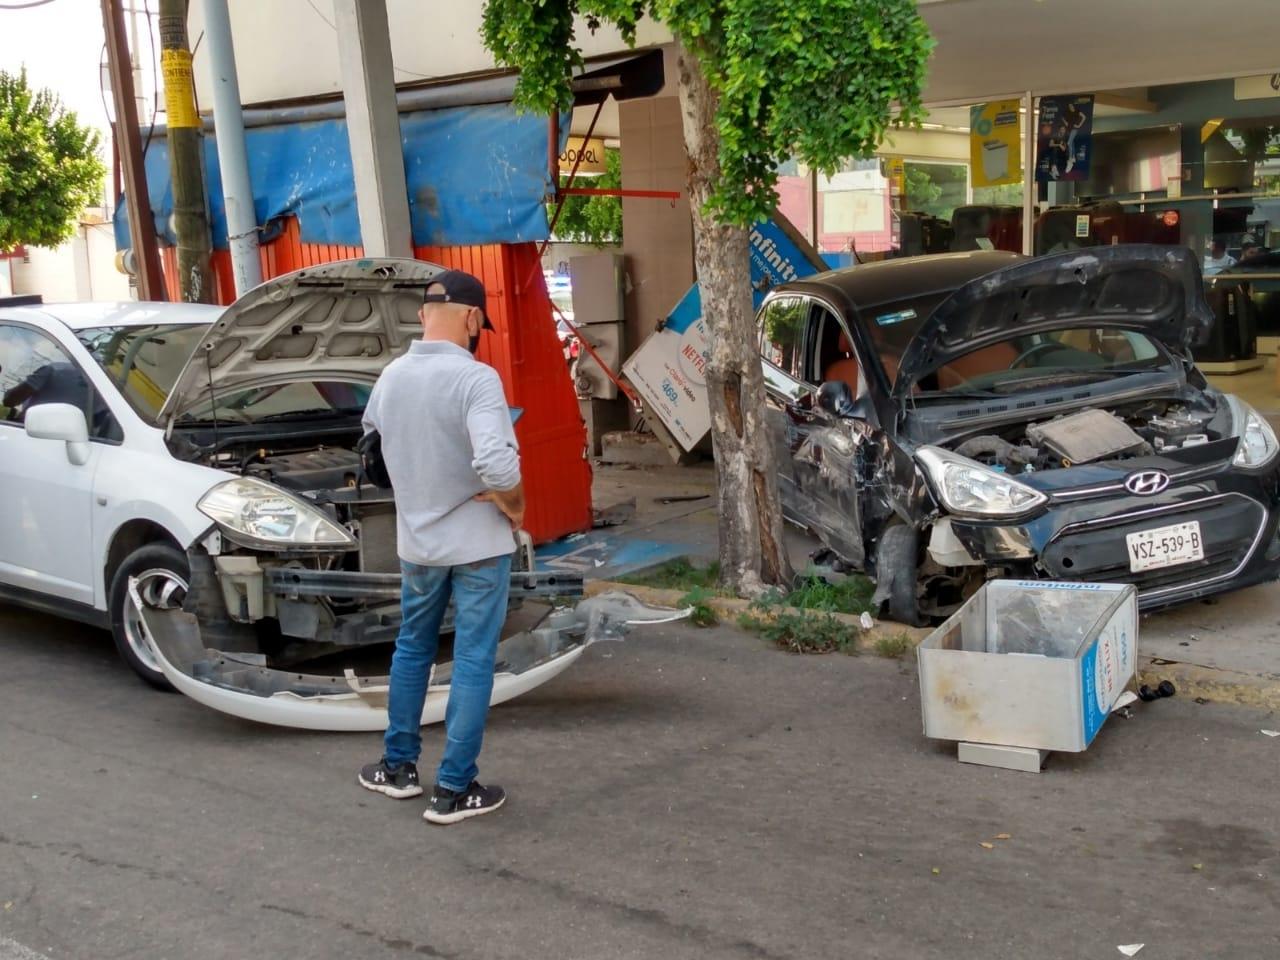 DESARROLLO URBANO CENTRADO EN EL AUTOMÓVIL PONE EN RIESGO LA VIDA DE LOS PEATONES EN CALLES -Y BANQUETAS- DE CULIACÁN